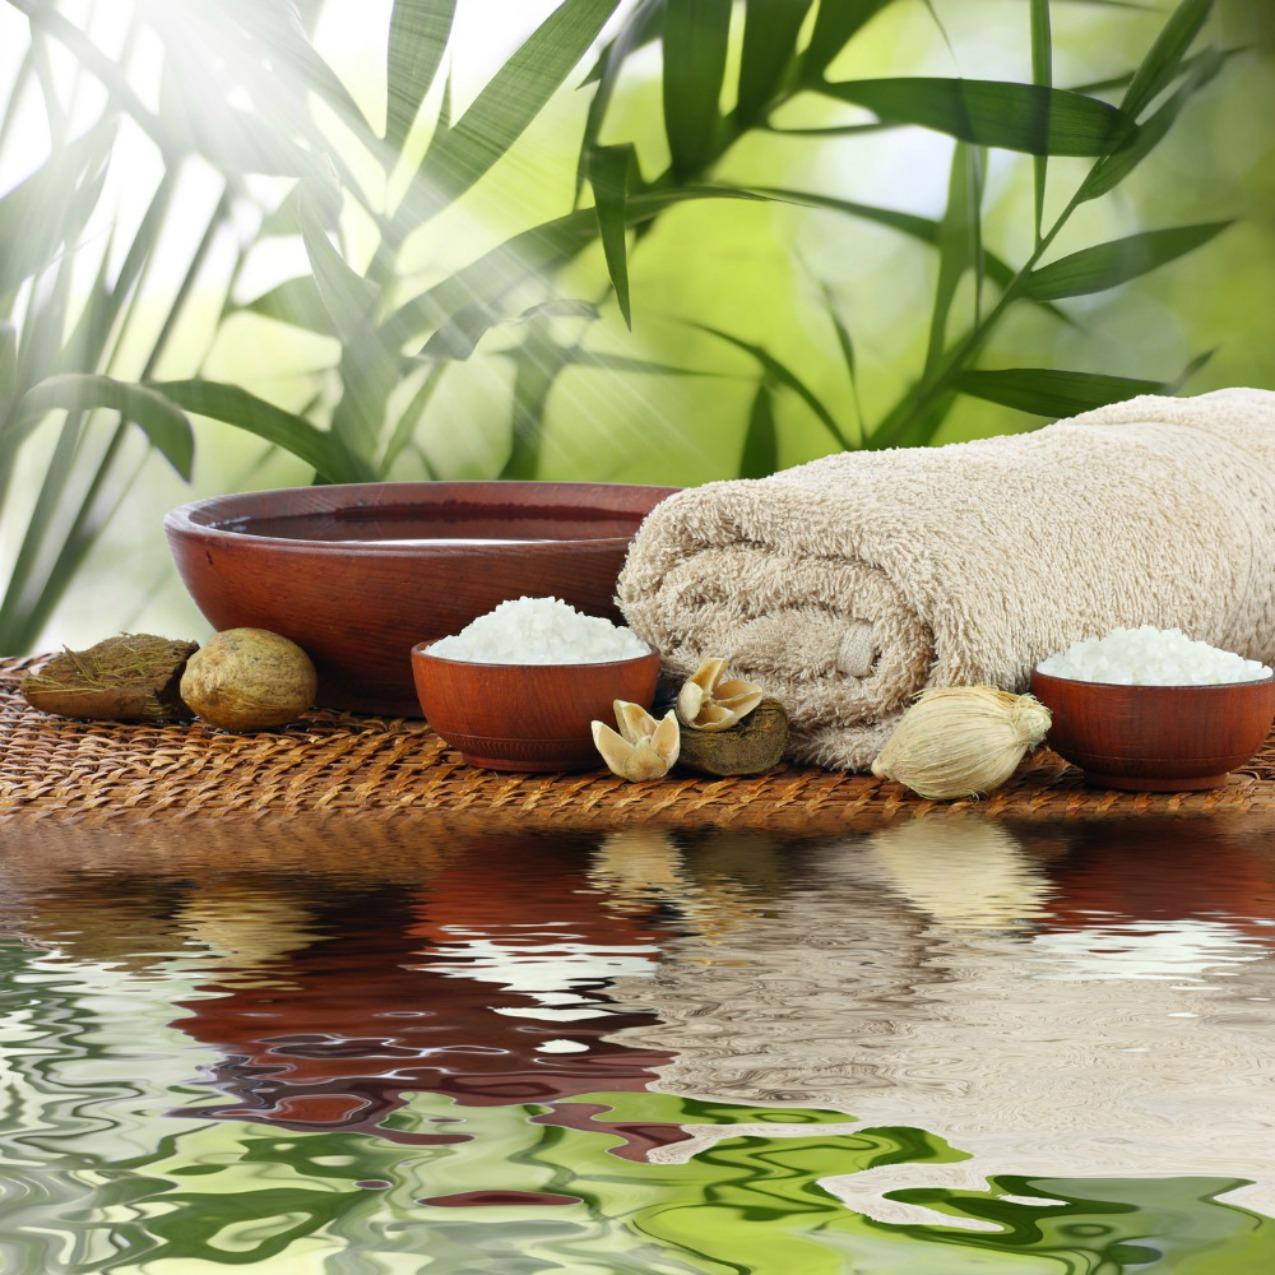 alessia milanese, thechilicool, fashion blog, fashion blogger,regalone fuga romantica quando il sogno diventa realtà, spa centro benessere, sauna e bagno turco